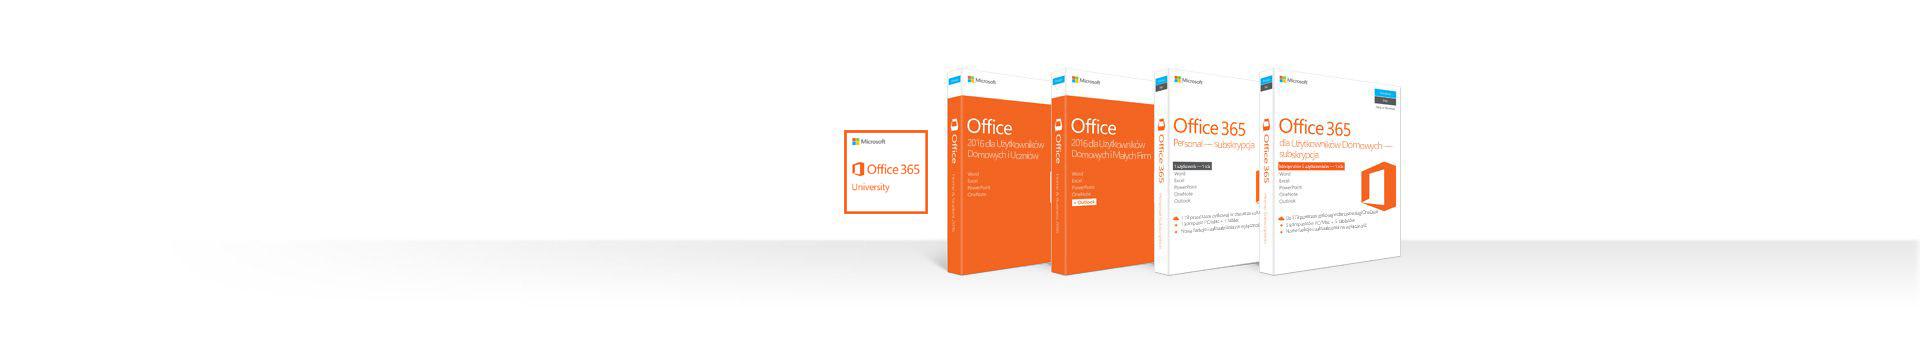 Rząd opakowań produktów Office 2016 i usługi Office 365 dla komputerów Mac